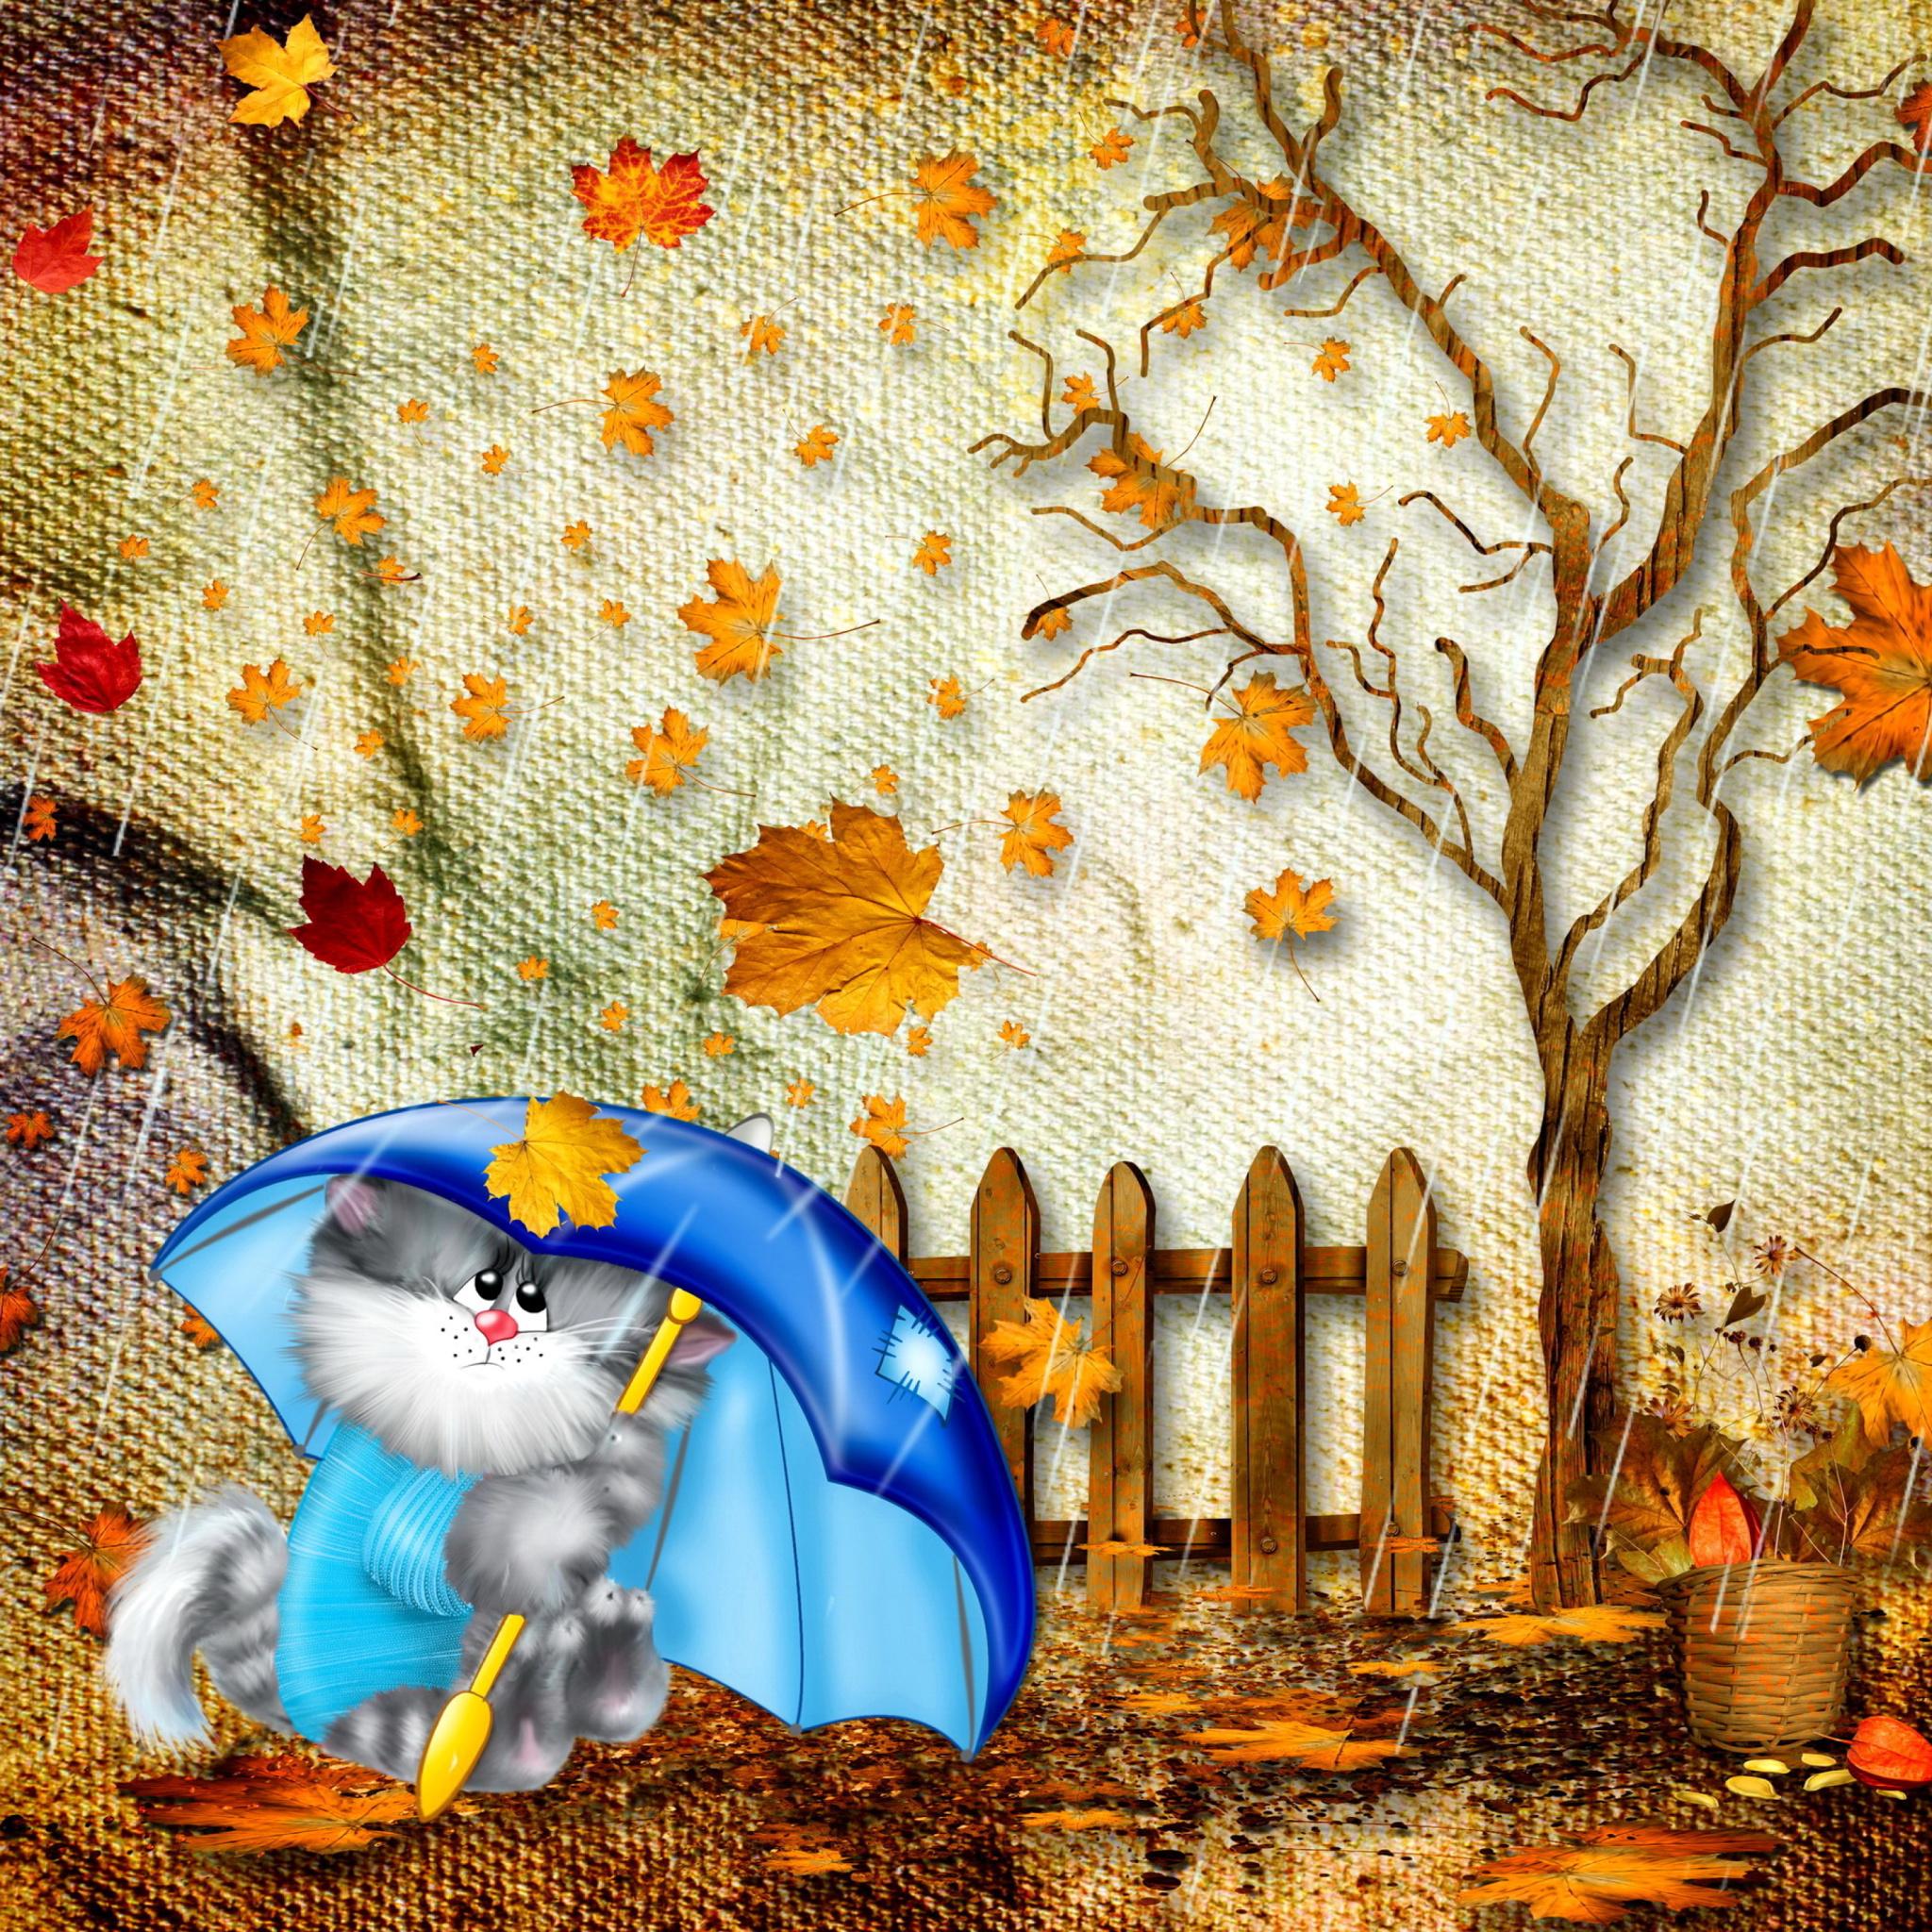 постеры дождливая осень прикольные картинки всех